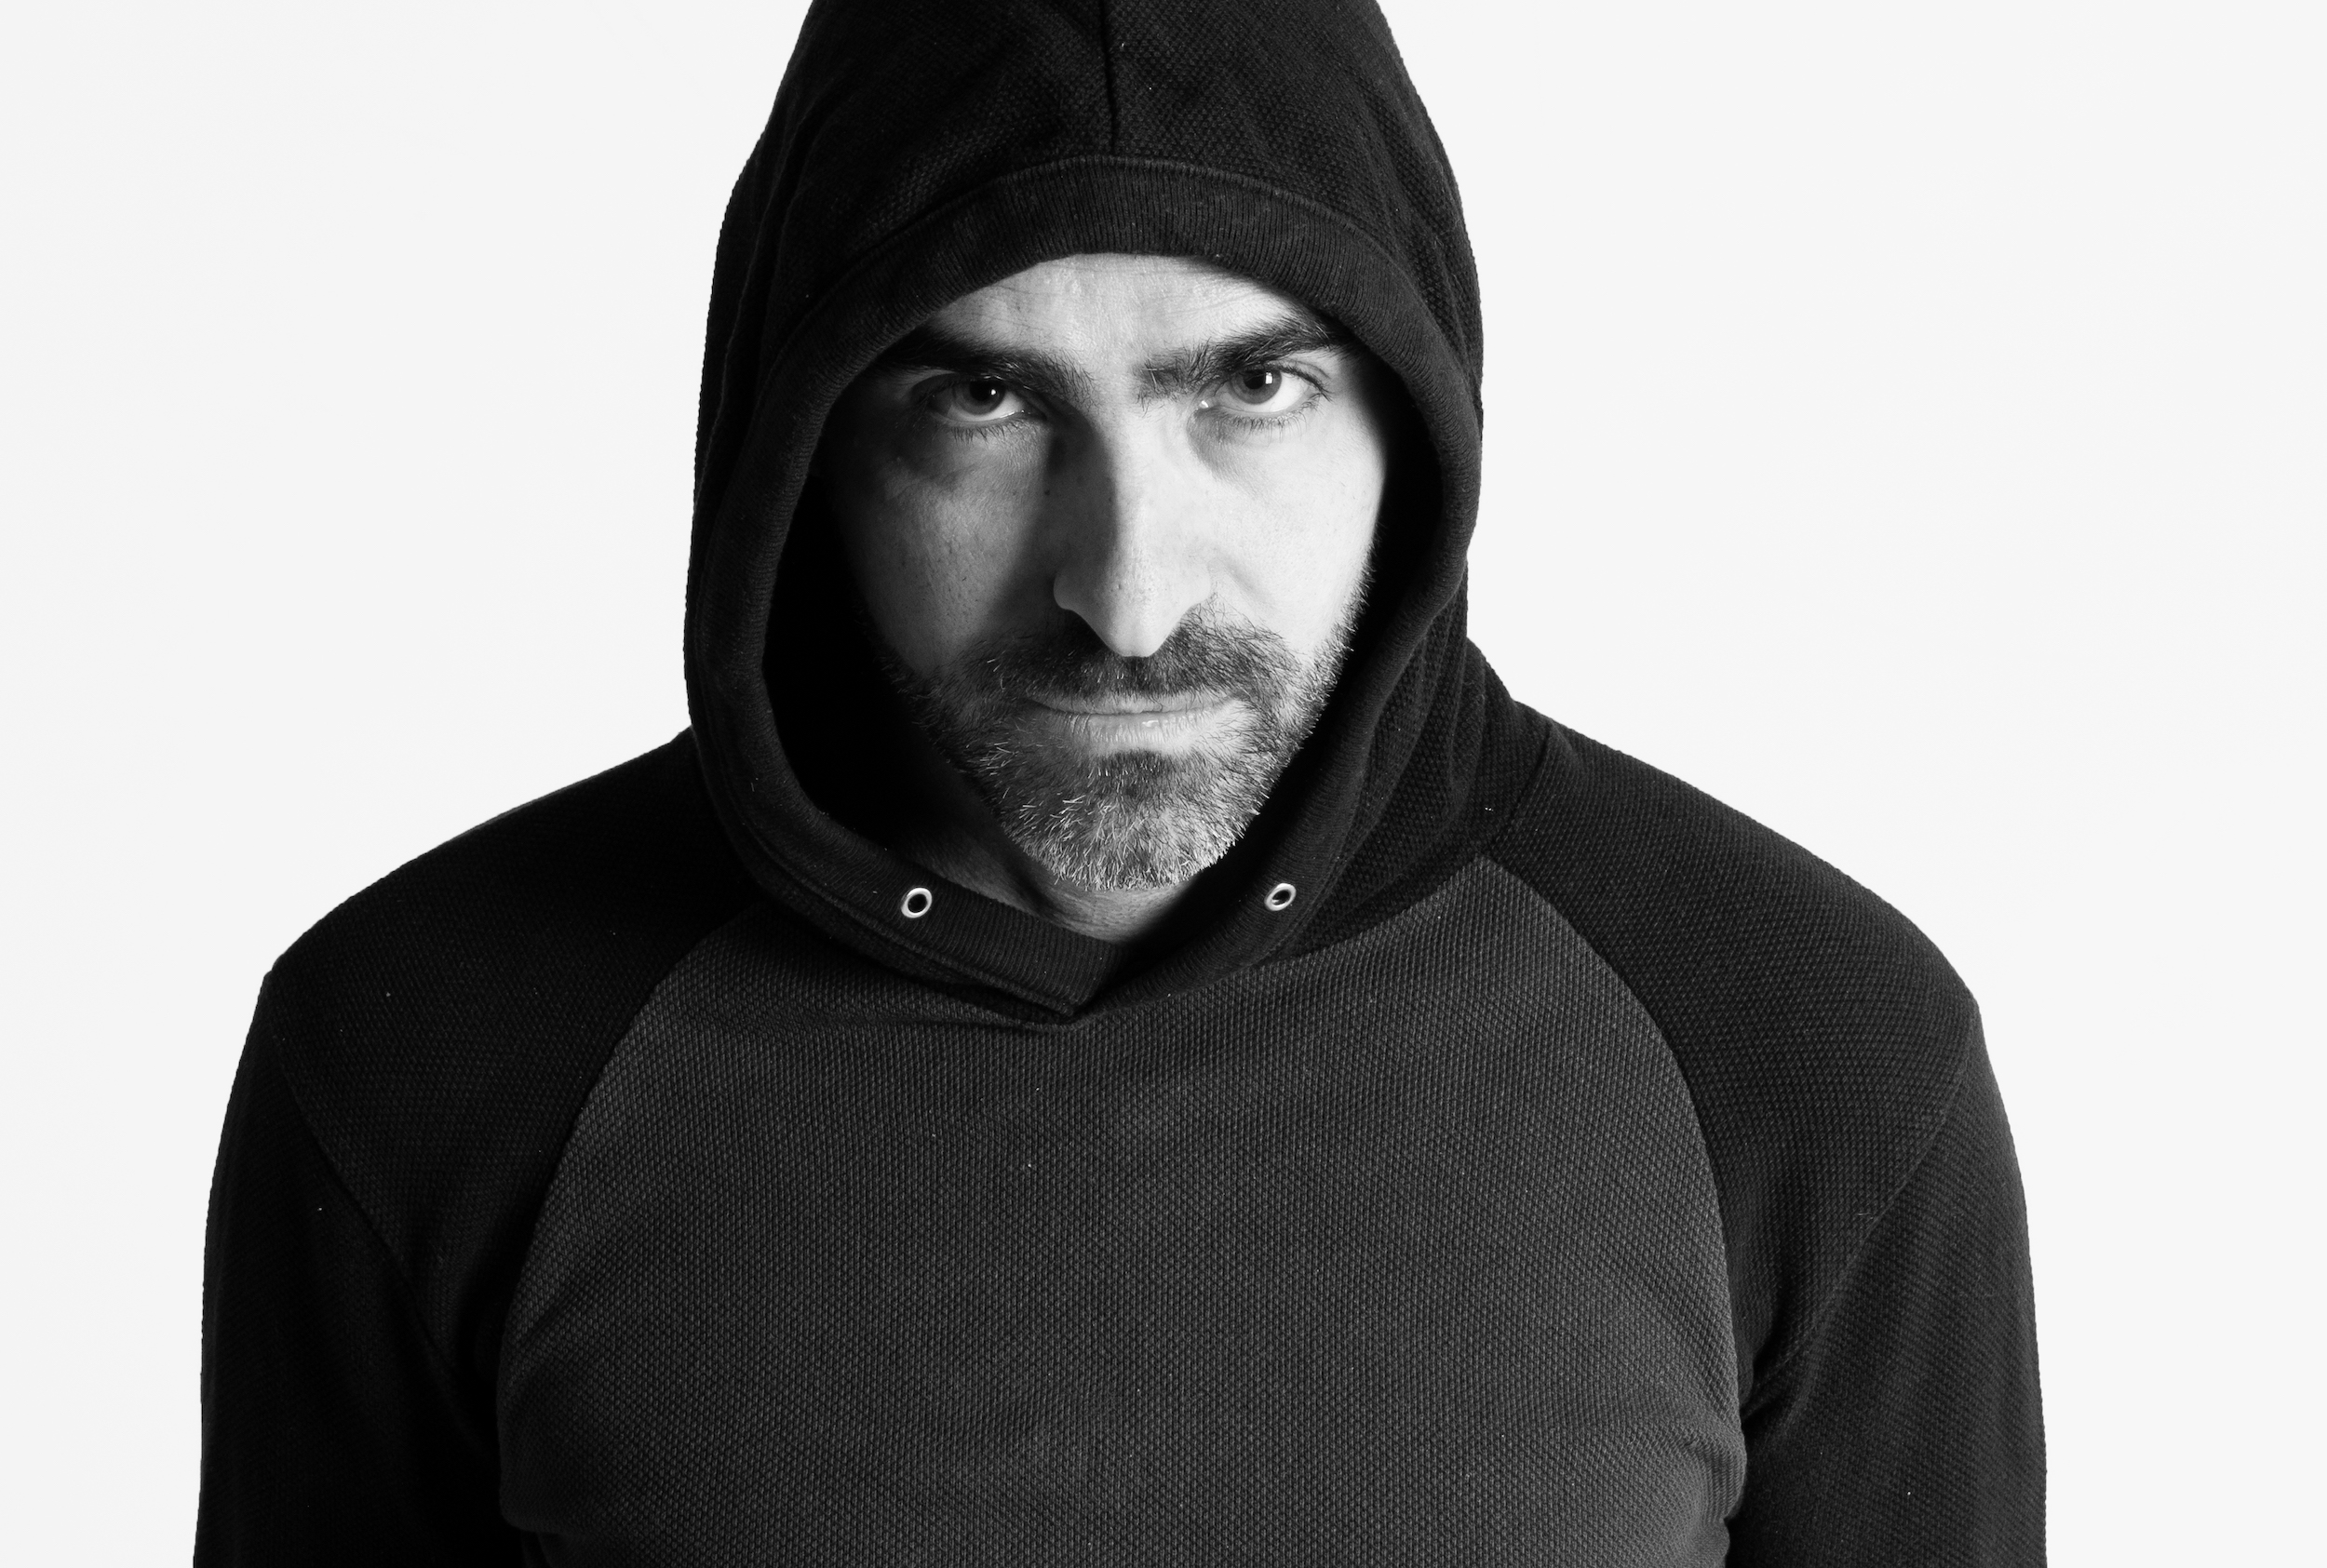 Bernat Muñoz - actor 38